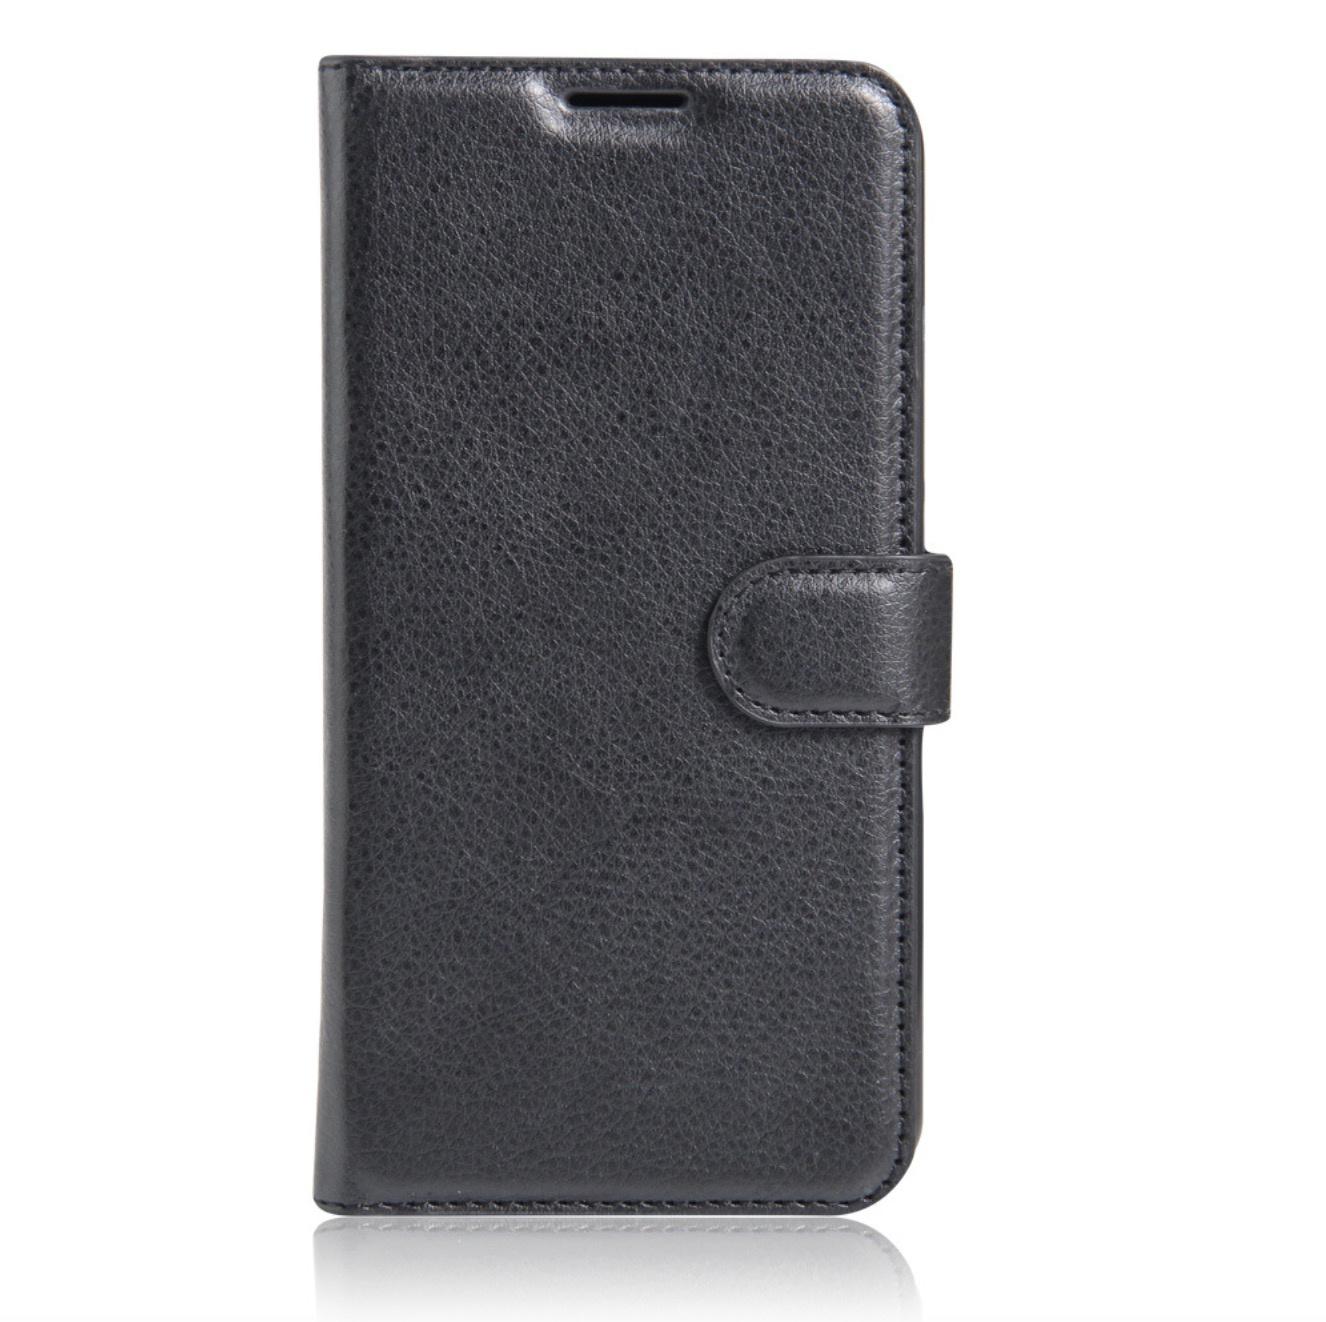 Чехол-книжка MyPads для LG Max X155 с мульти-подставкой застёжкой и визитницей lg max x155